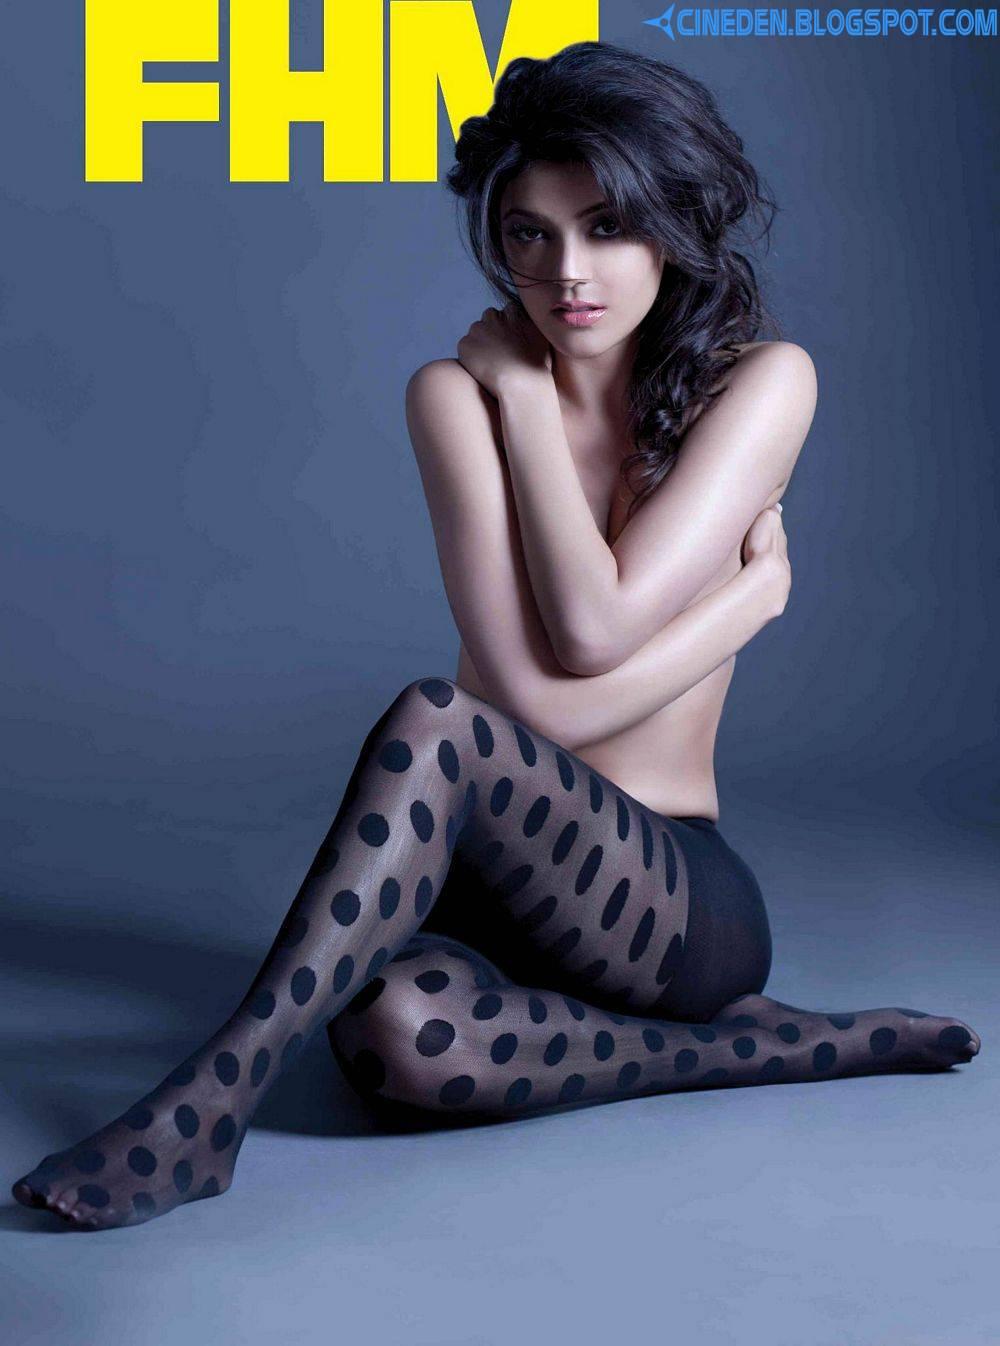 Met models russian teens nude